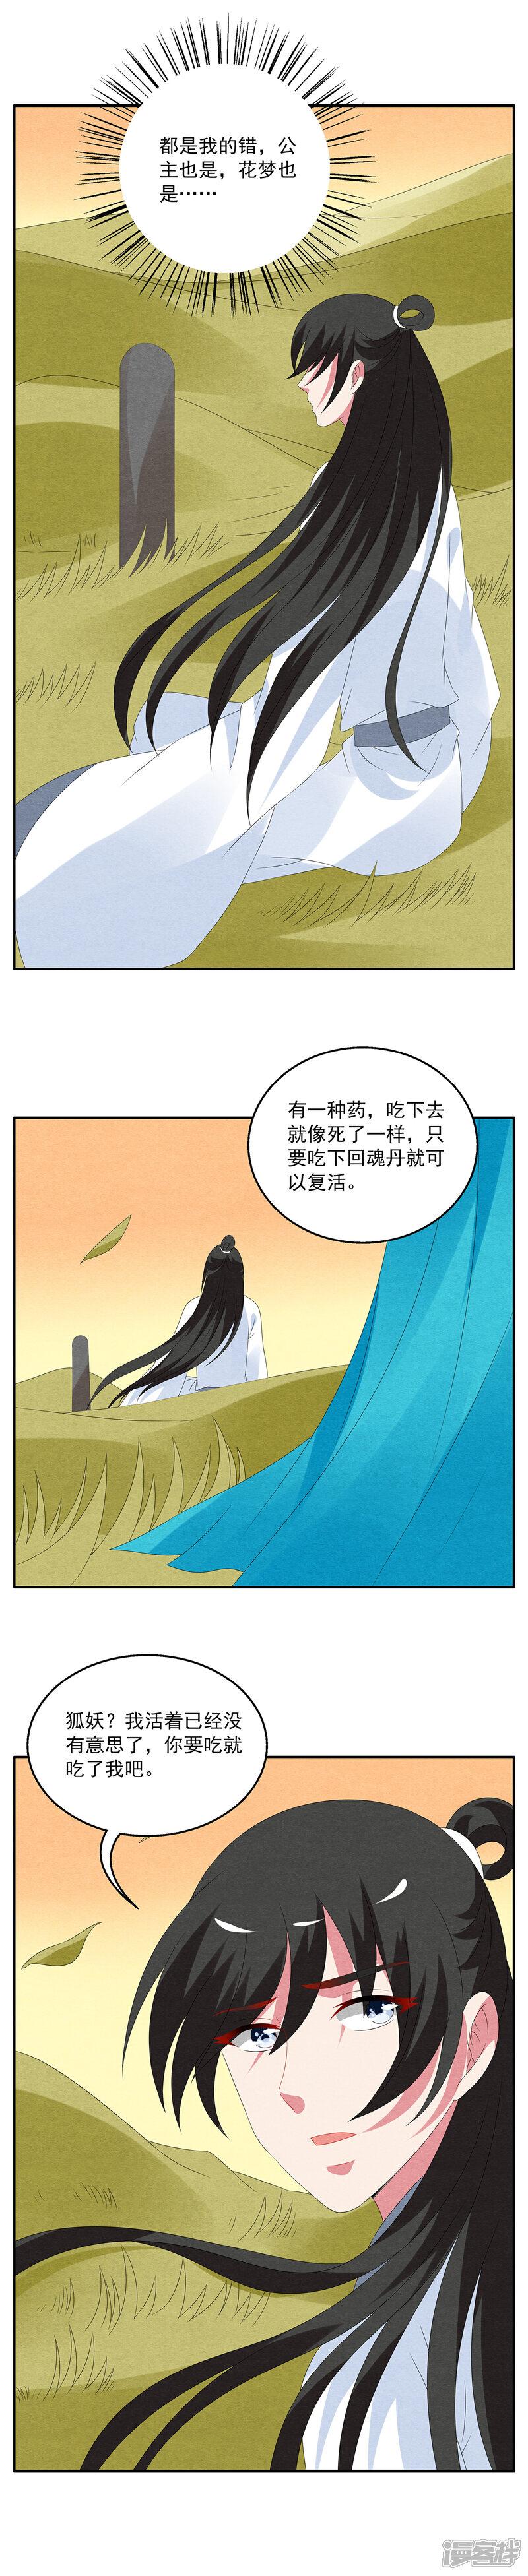 洛小妖79800007.JPG